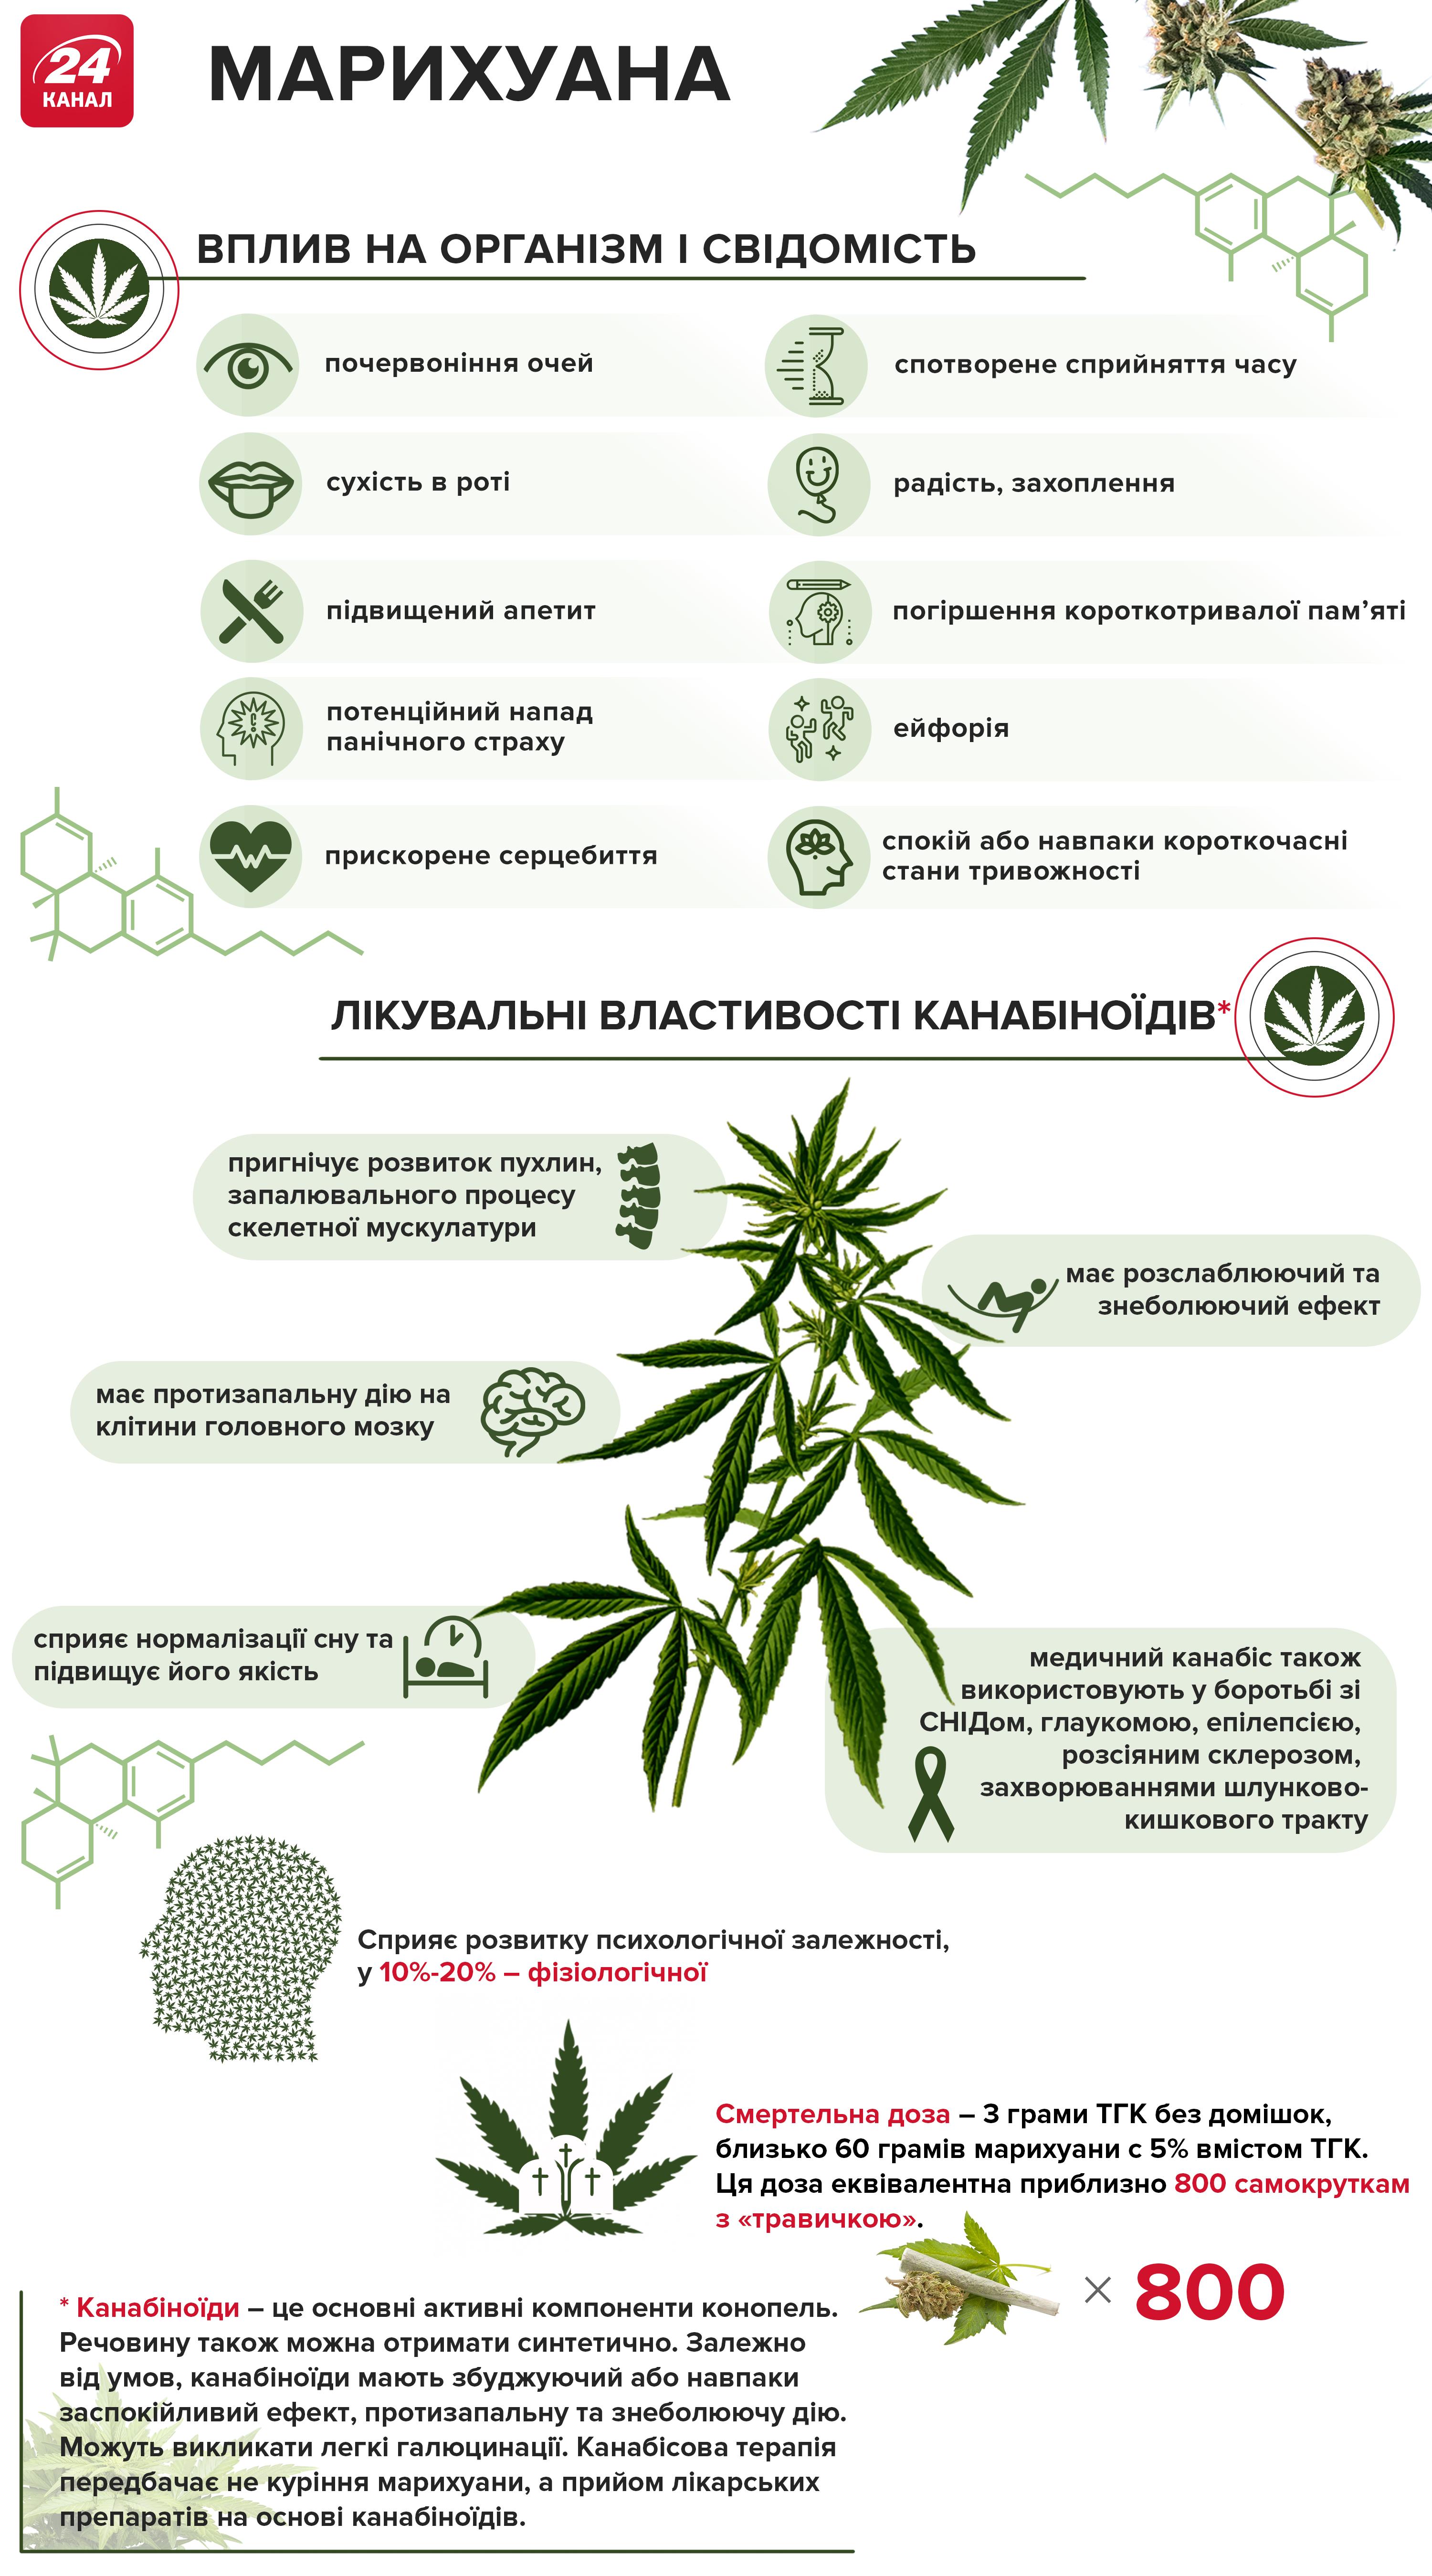 Марихуана в меде мигрени марихуана